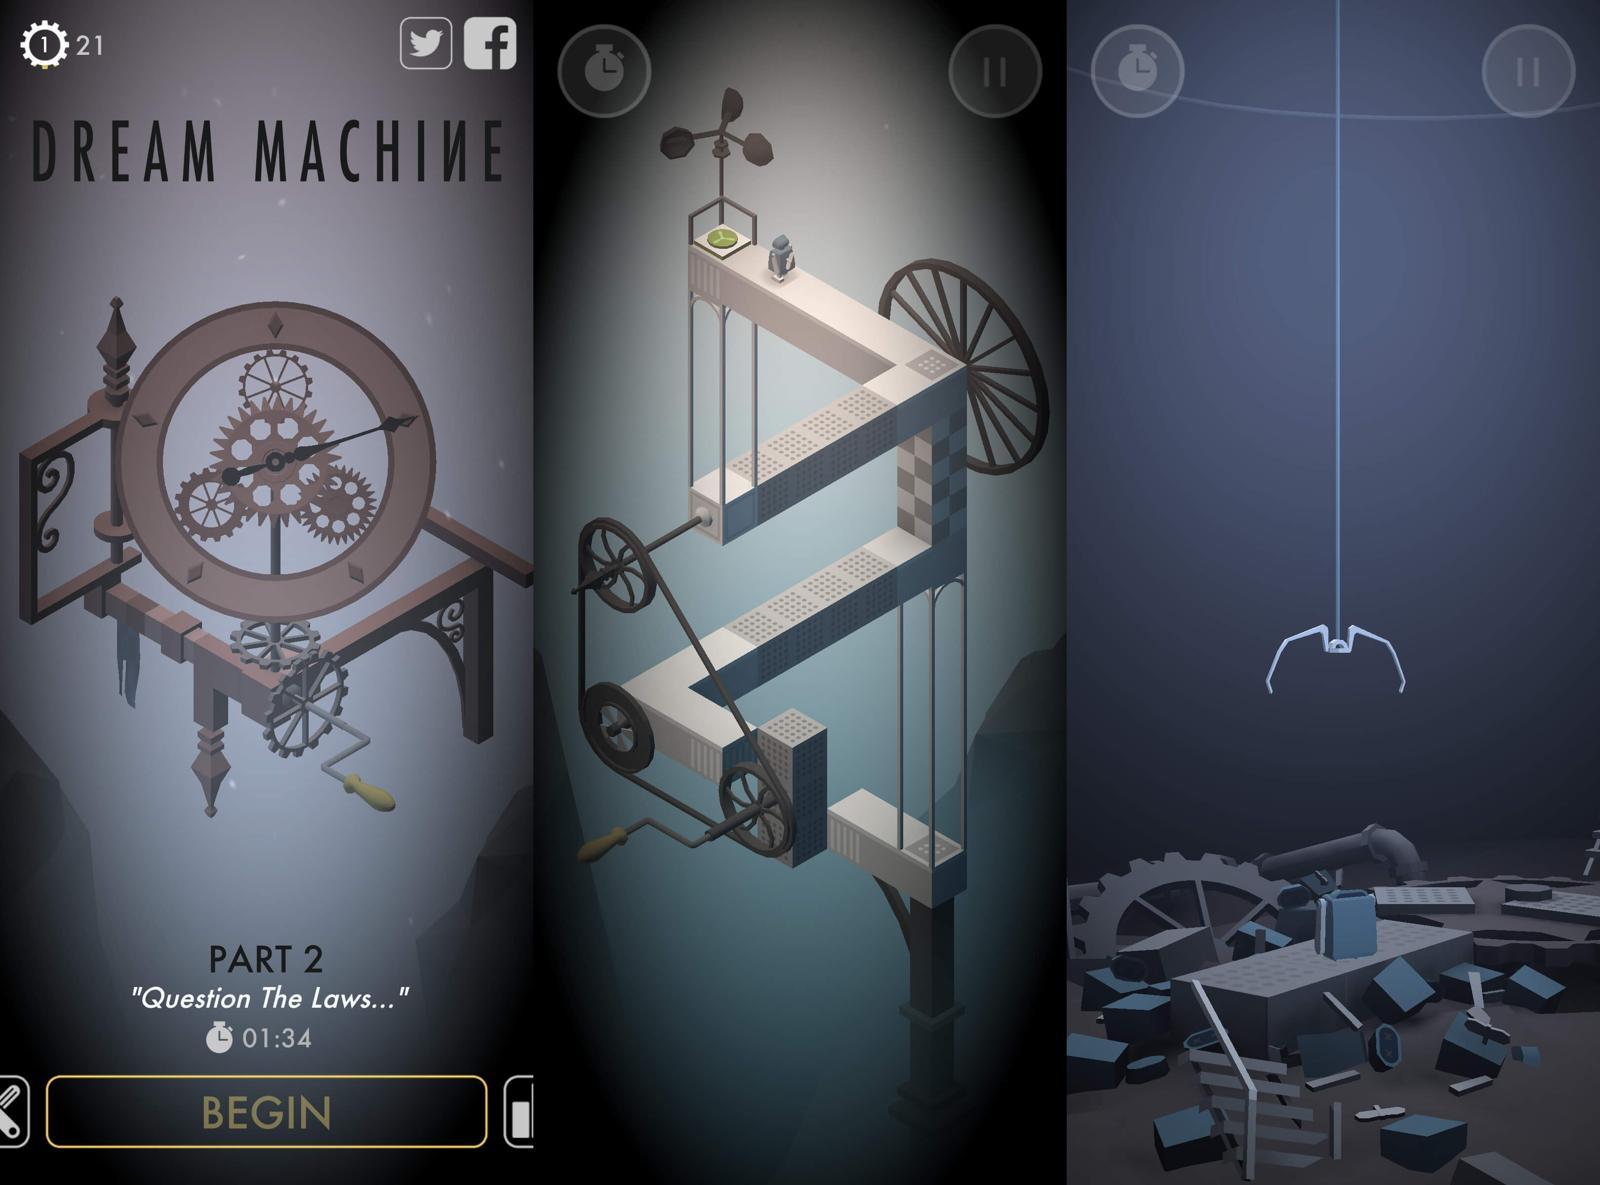 解谜闯关游戏 造梦机器人